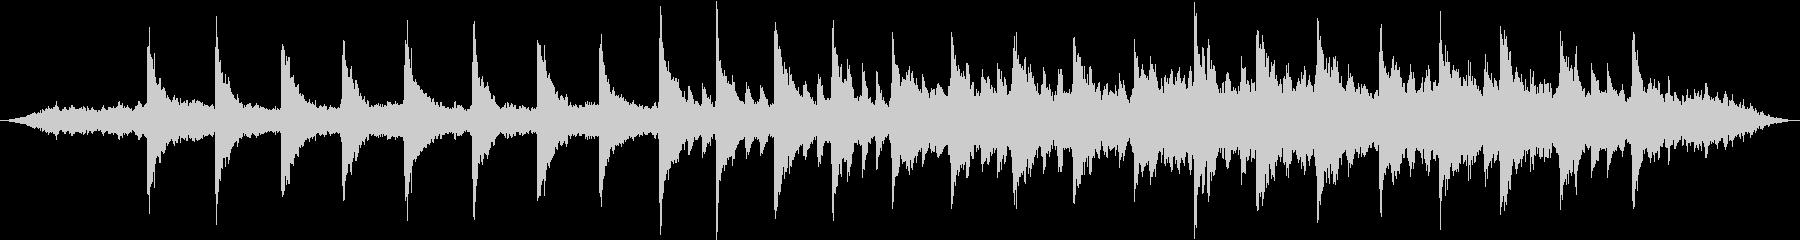 インターステラー風壮大なピアノBGMの未再生の波形